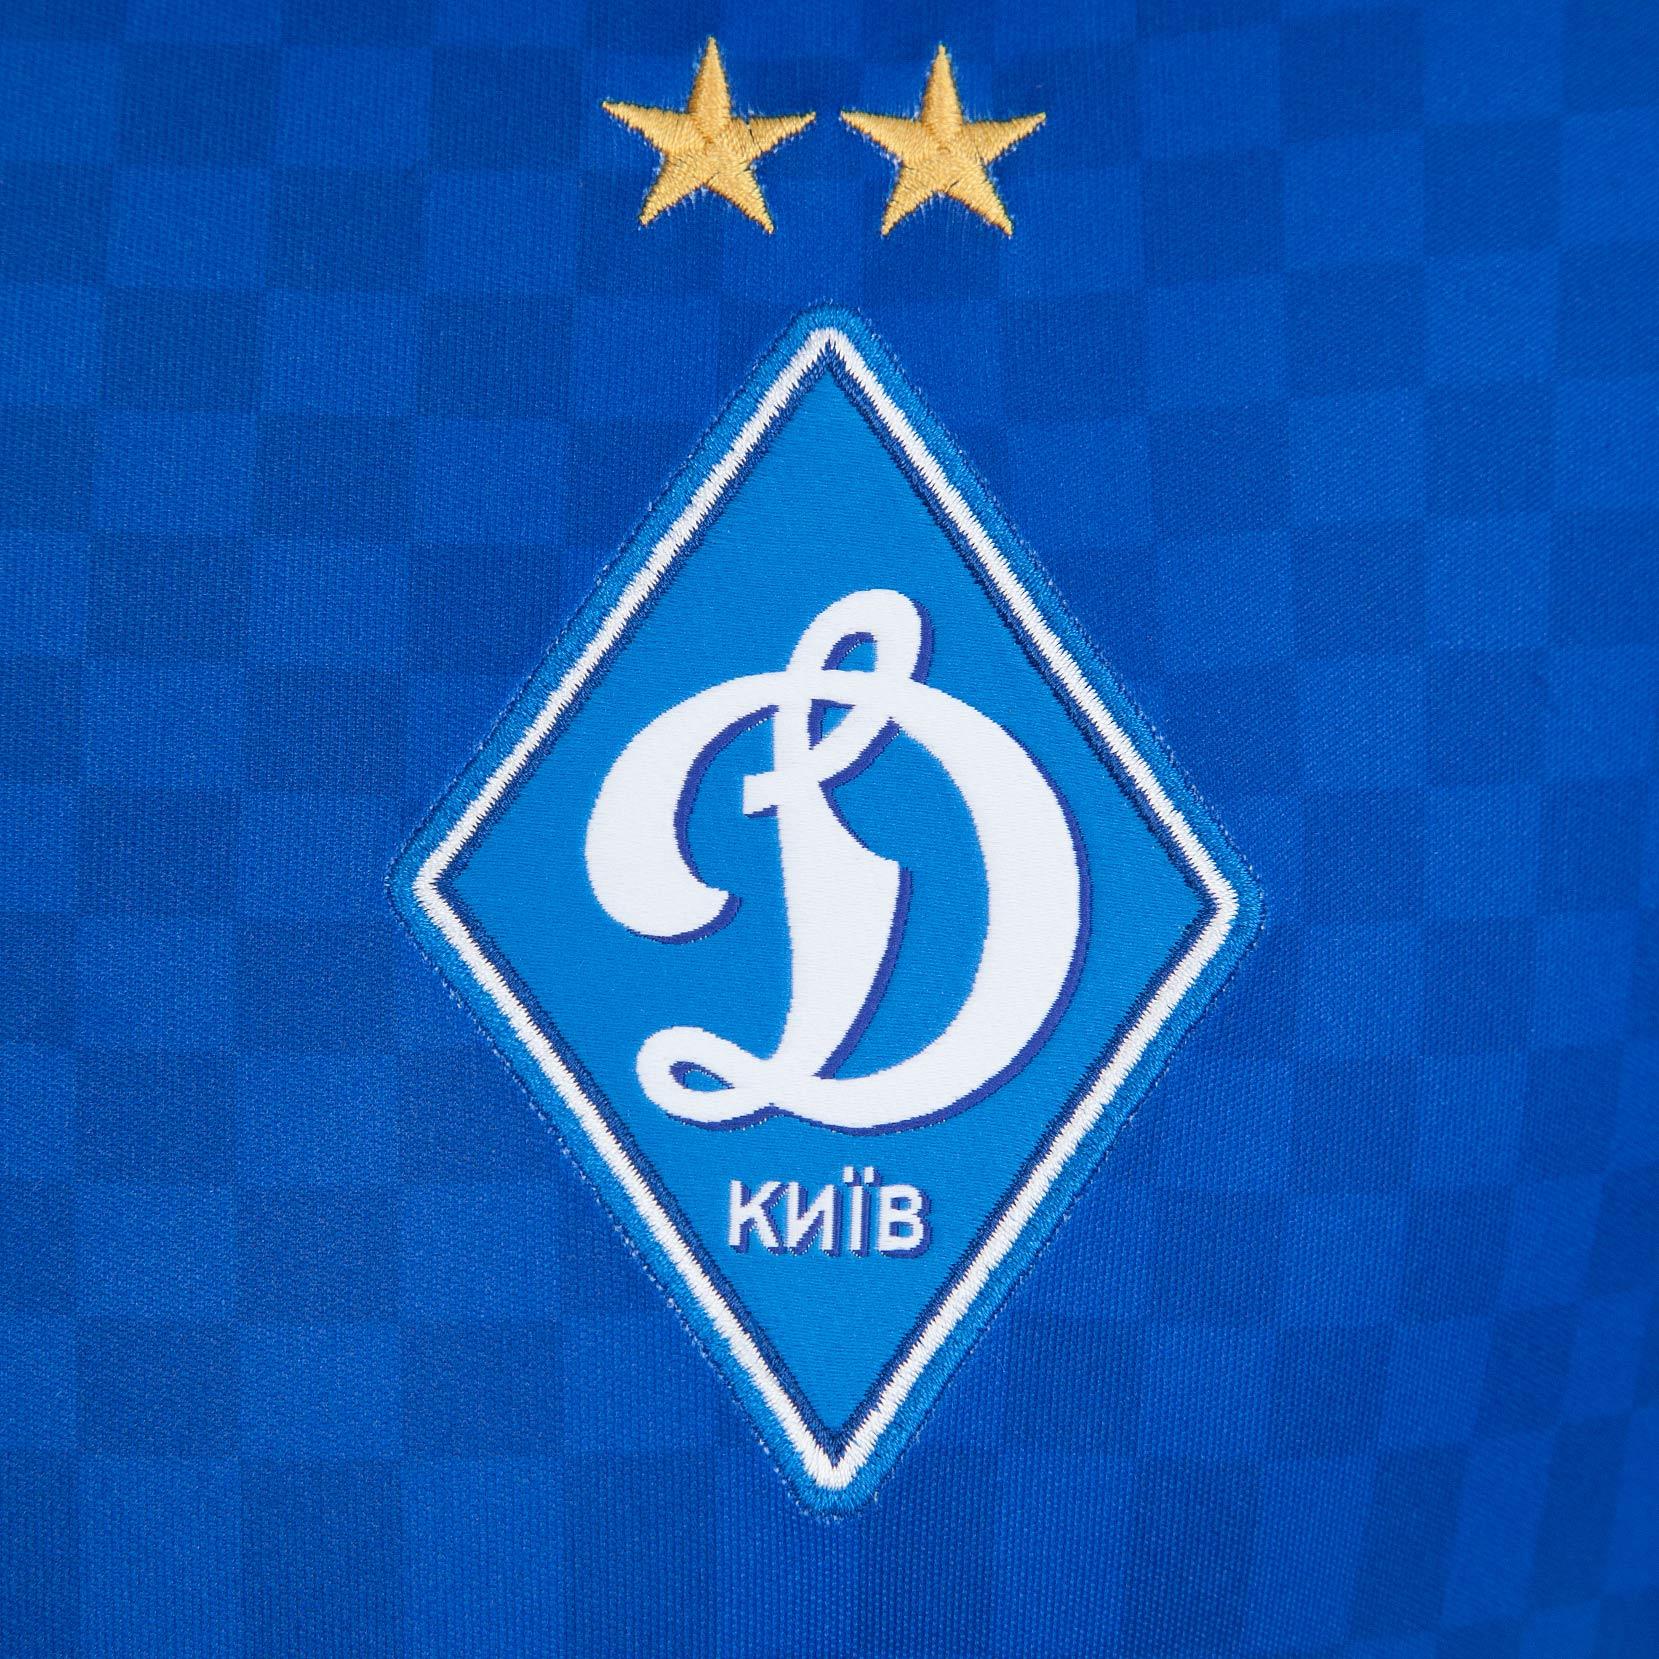 Футболка ігрова ФК «Динамо» Київ Виїзна  для чоловіків EMT8008TRY | New Balance